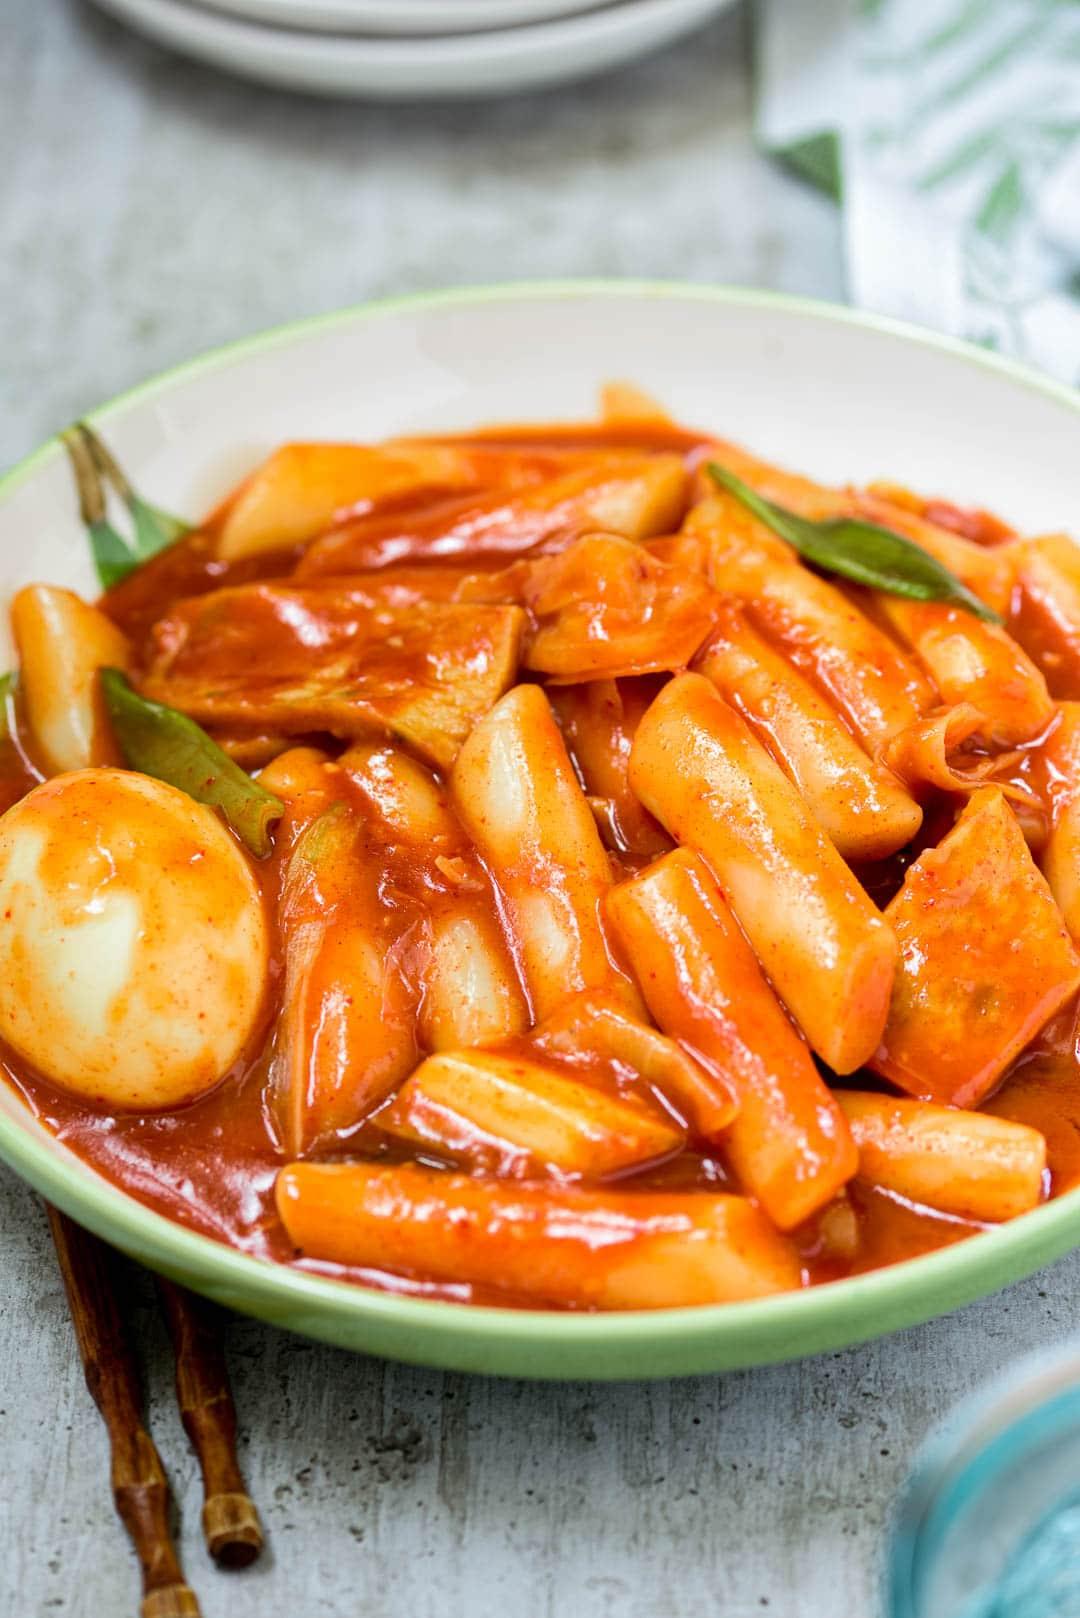 DSC3132 3 3 - Tteokbokki (Spicy Stir-fried Rice Cakes)